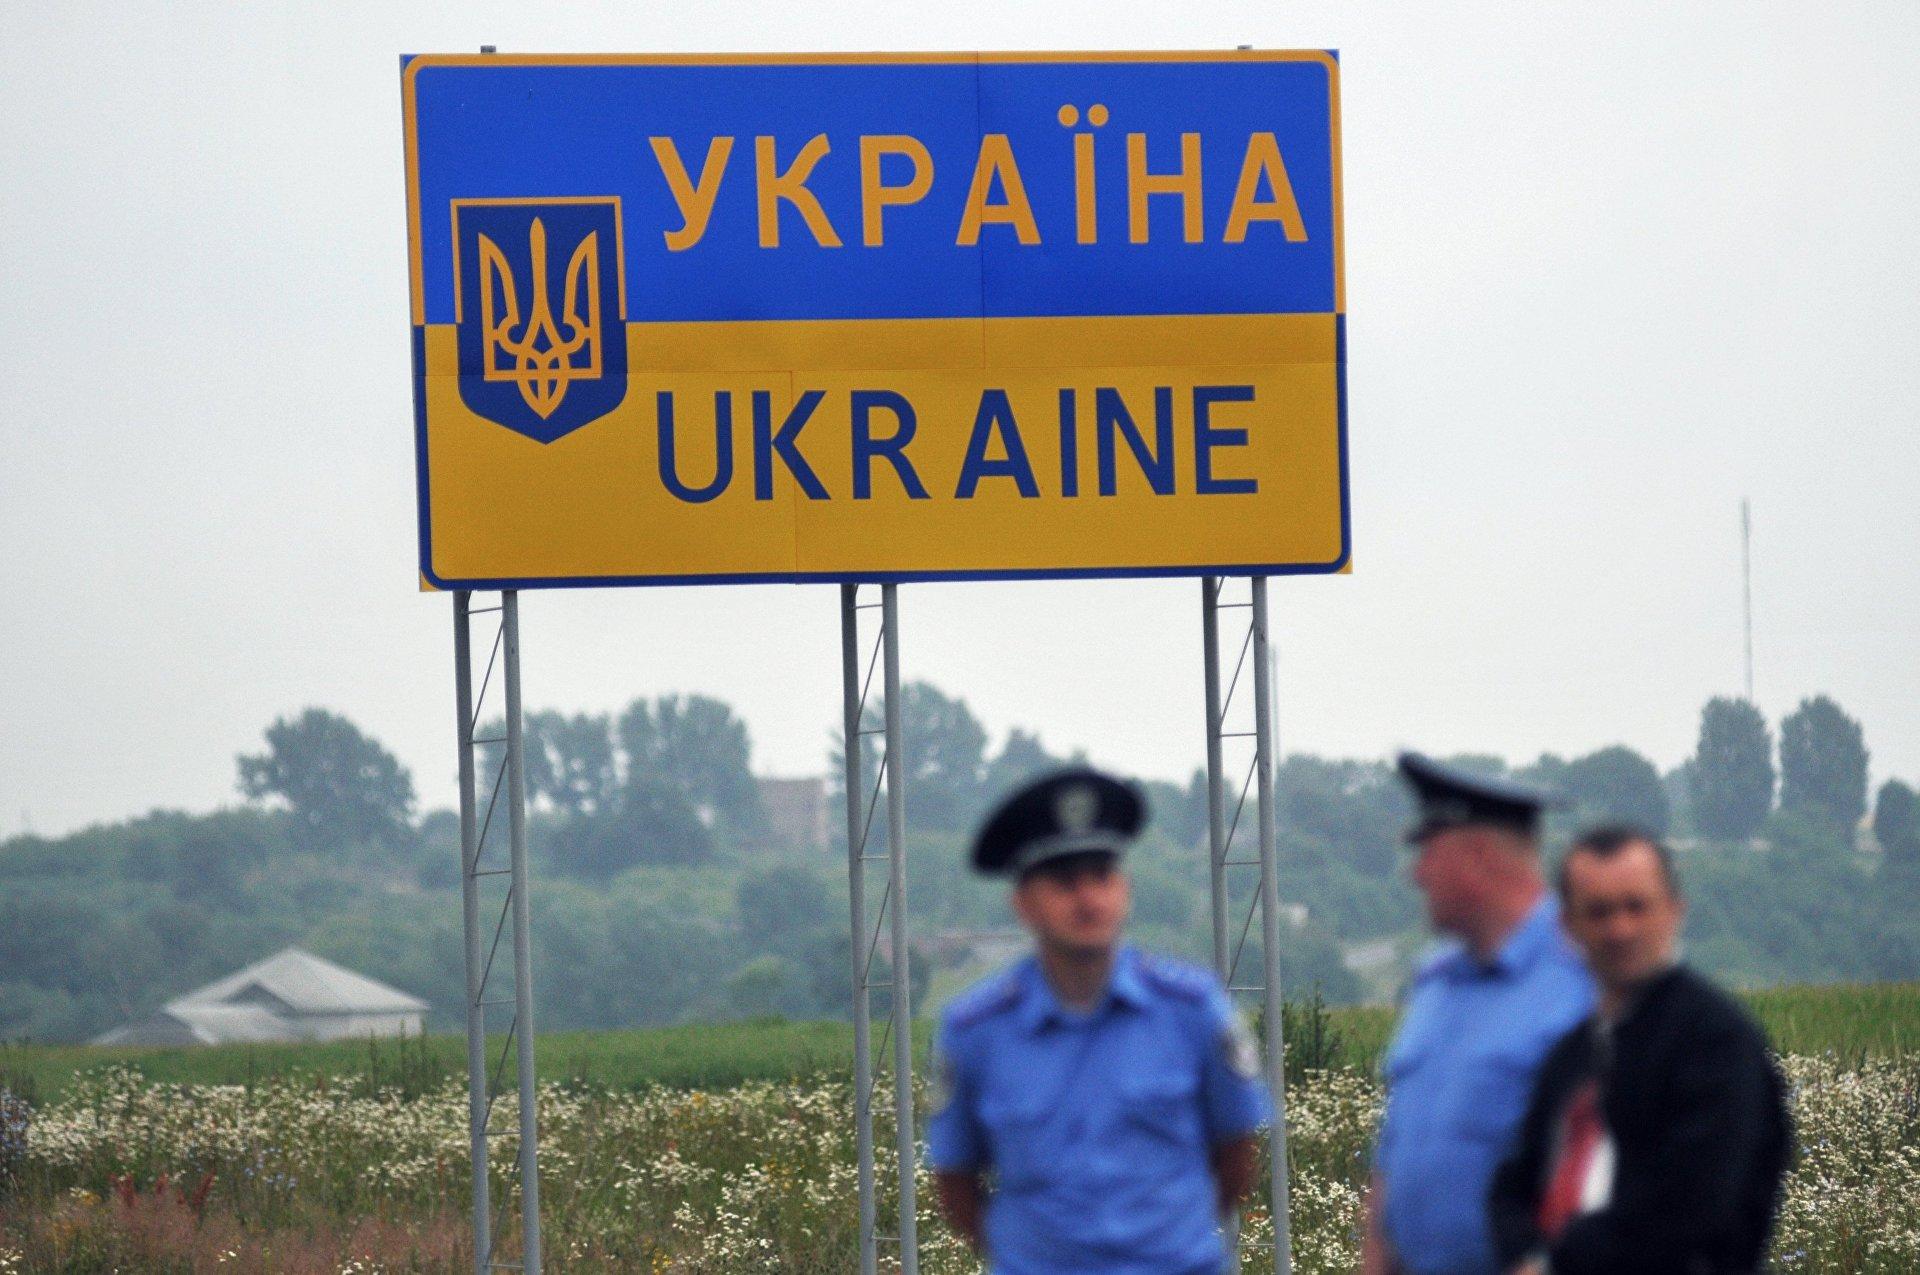 http://ukraina.ru/images/101472/24/1014722436.jpg